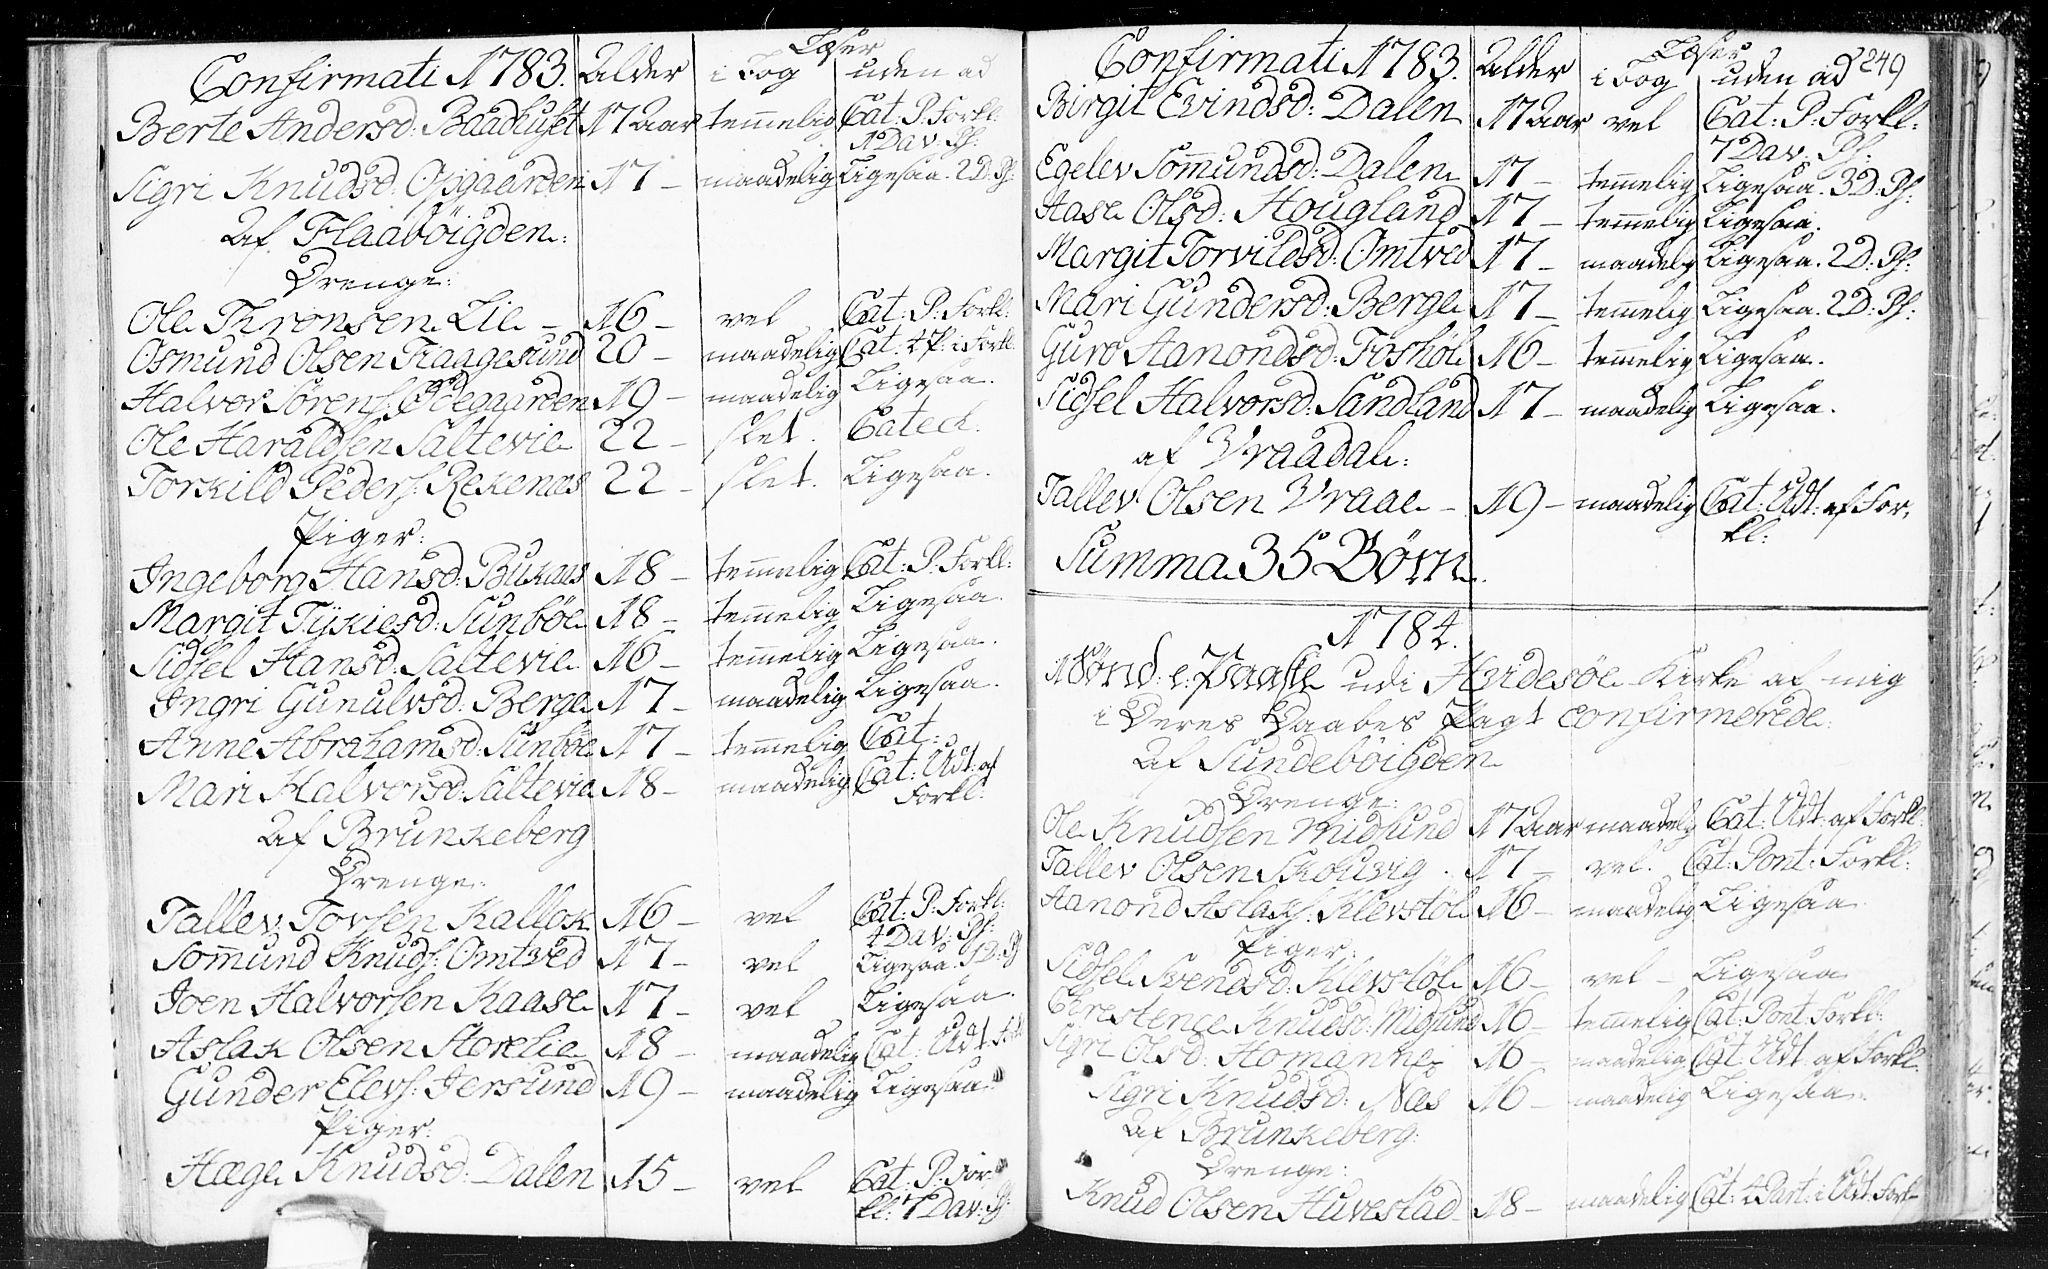 SAKO, Kviteseid kirkebøker, F/Fa/L0002: Ministerialbok nr. I 2, 1773-1786, s. 249